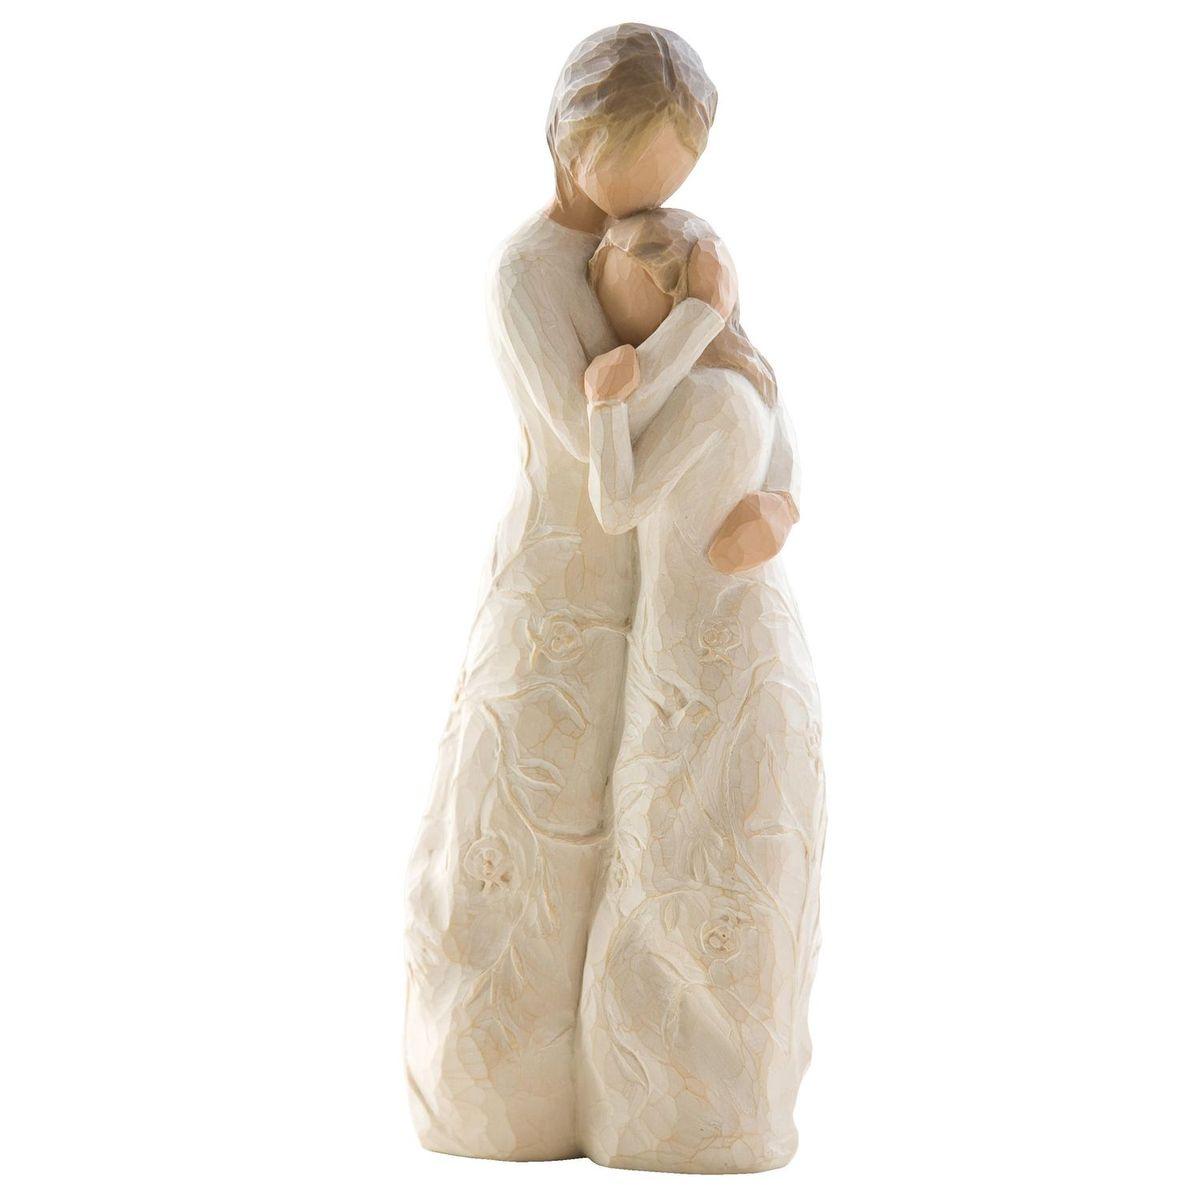 Фигурка Willow Tree Близость, 20 см26222Эти прекрасные статуэтки созданы канадским скульптором Сьюзан Лорди. Каждая фигурка – это настоящее произведение искусства, образная скульптура в миниатюре, изображающая эмоции и чувства, которые помогают нам чувствовать себя ближе к другим, верить в мечту, выражать любовь. Каждая фигурка помещена в красивую упаковку. Купить такой оригинальный подарок, значит не только украсить интерьер помещения или жилой комнаты, но выразить свое глубокое отношение к любимому человеку. Этот прекрасный сувенир будет лучшим подарком на день ангела, именины, день рождения, юбилей. Материал: Искусственный камень (49% карбонат кальция мелкозернистой разновидности, 51% искусственный камень)